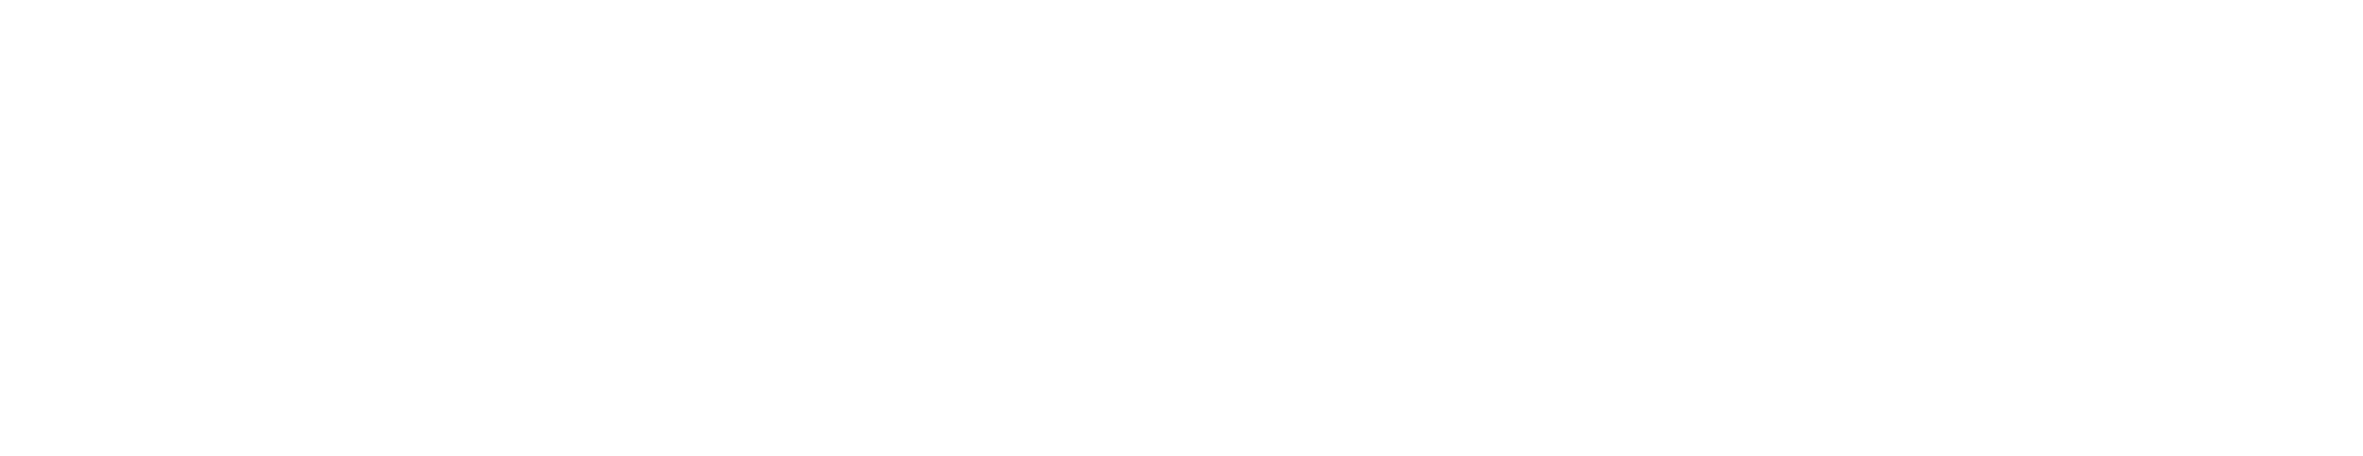 Deside ACT